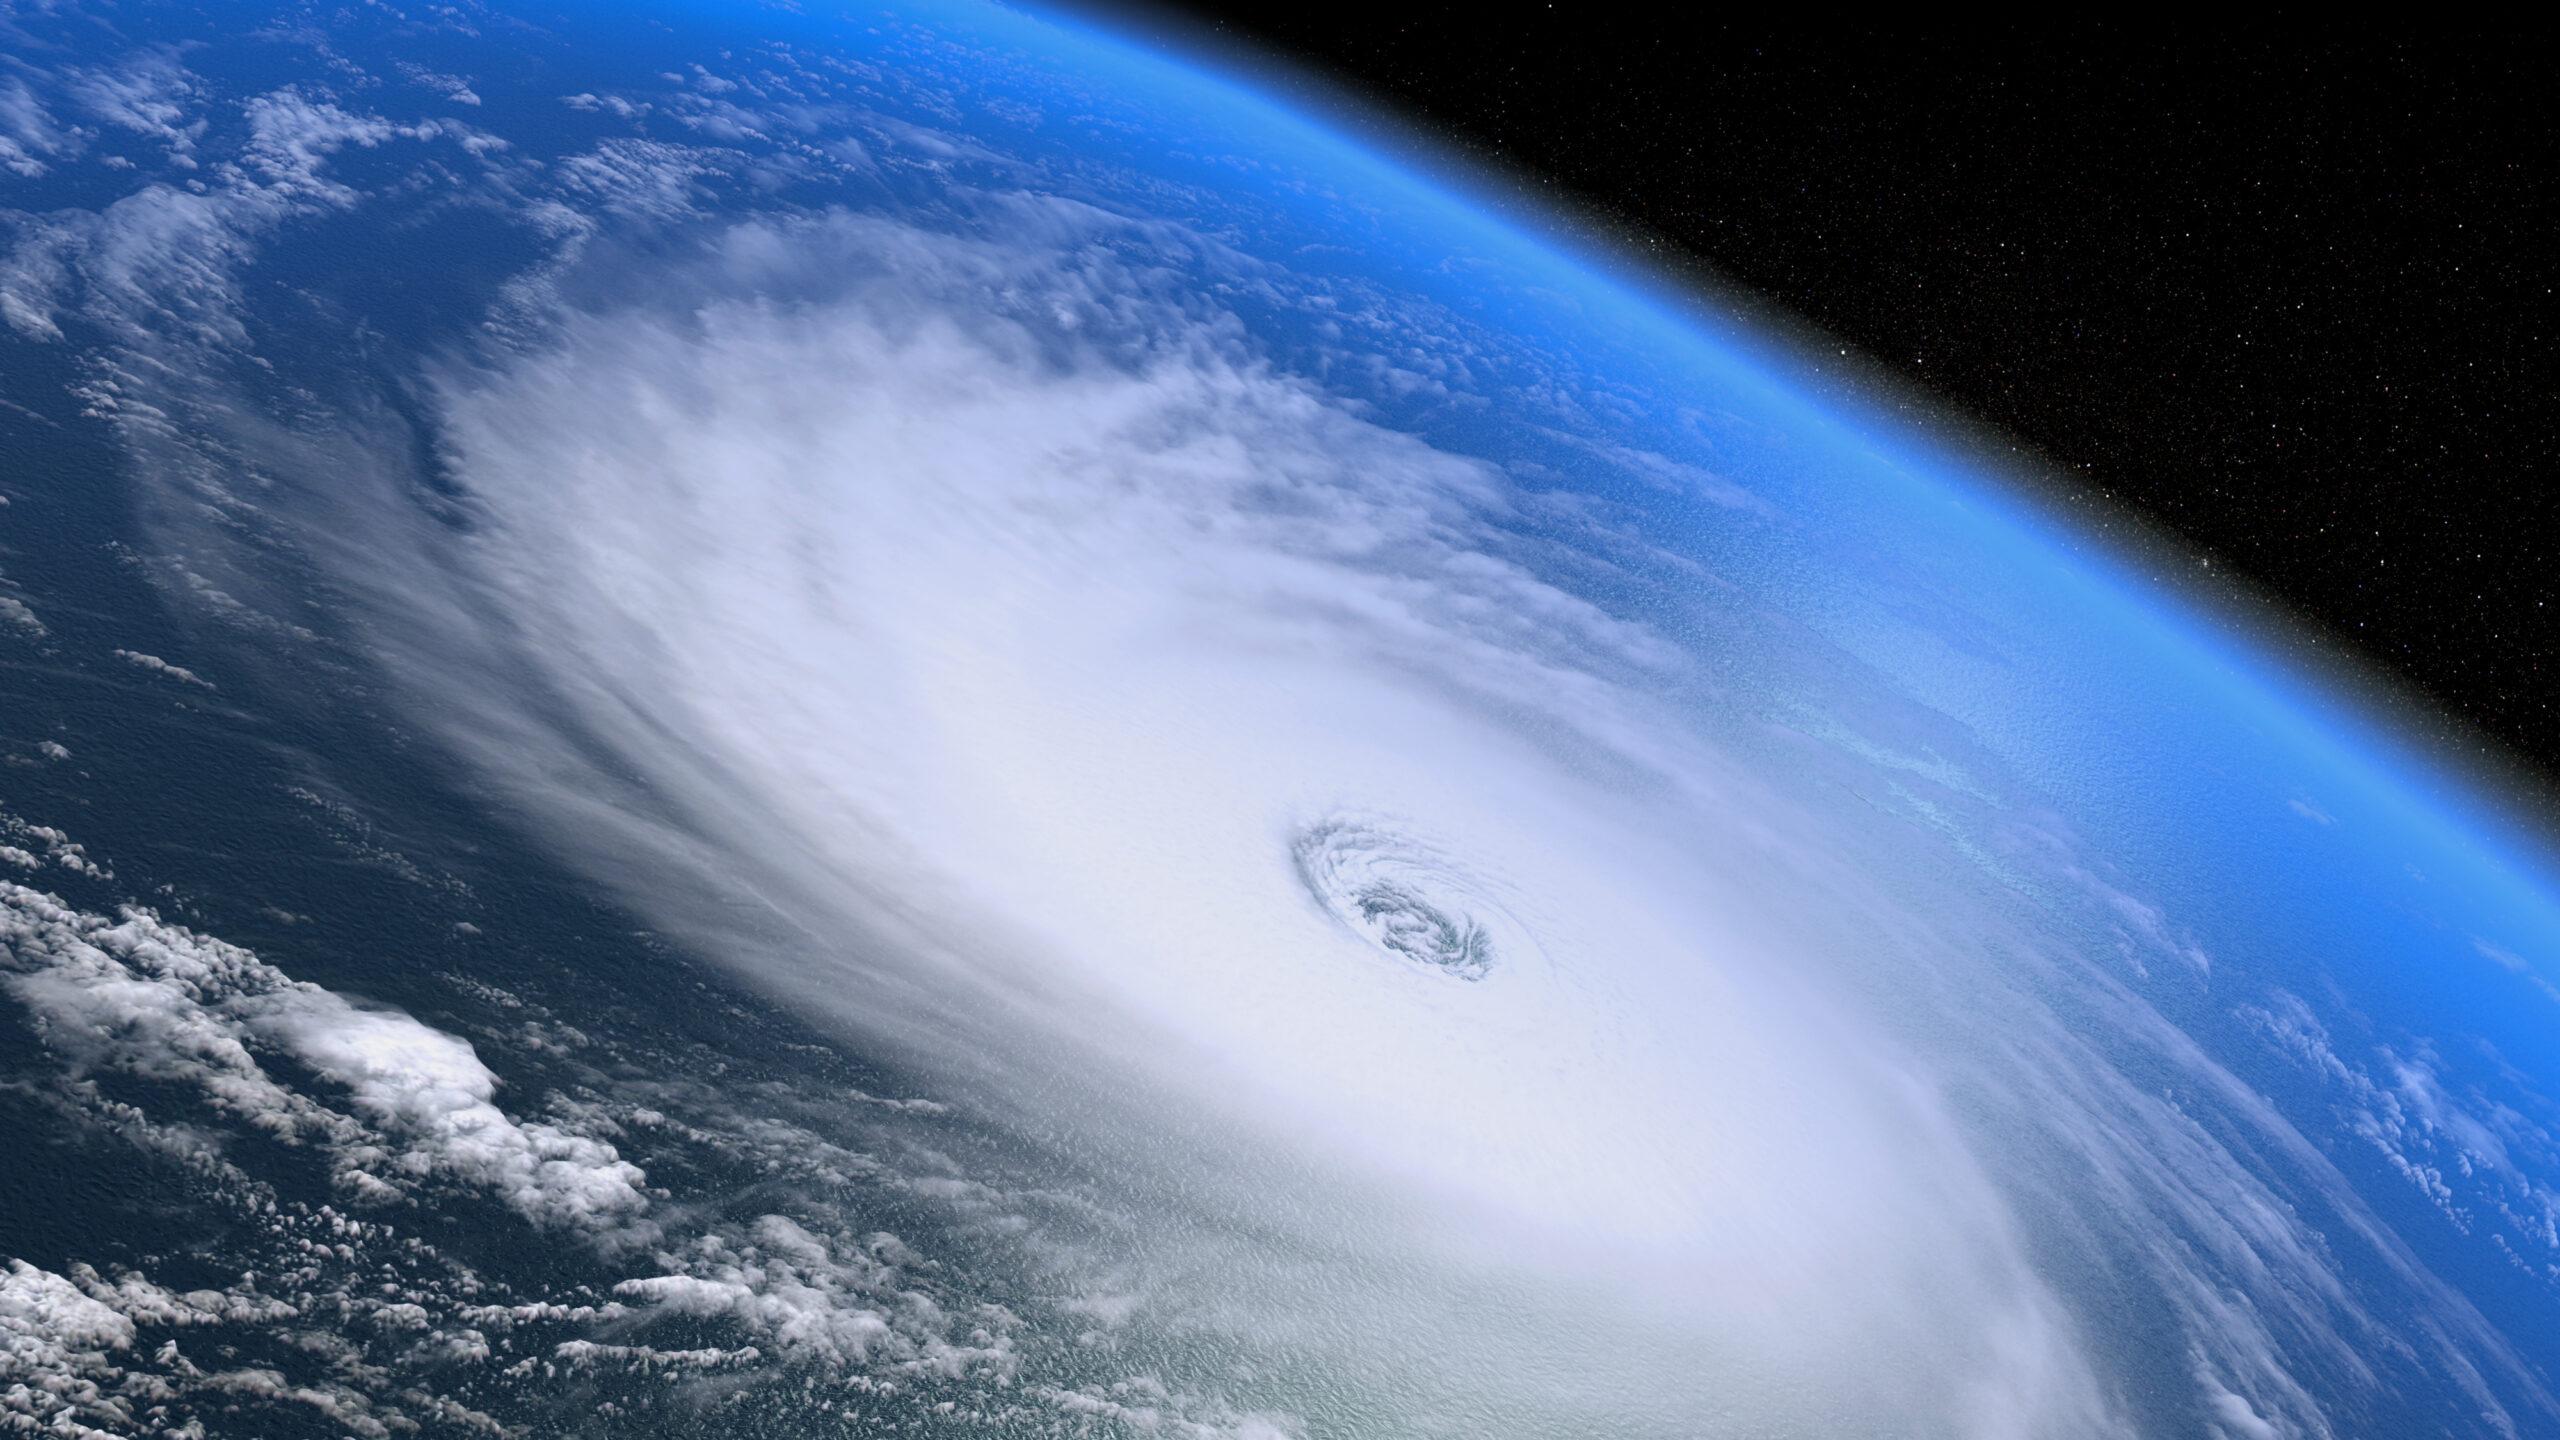 Огромный торнадо из космоса